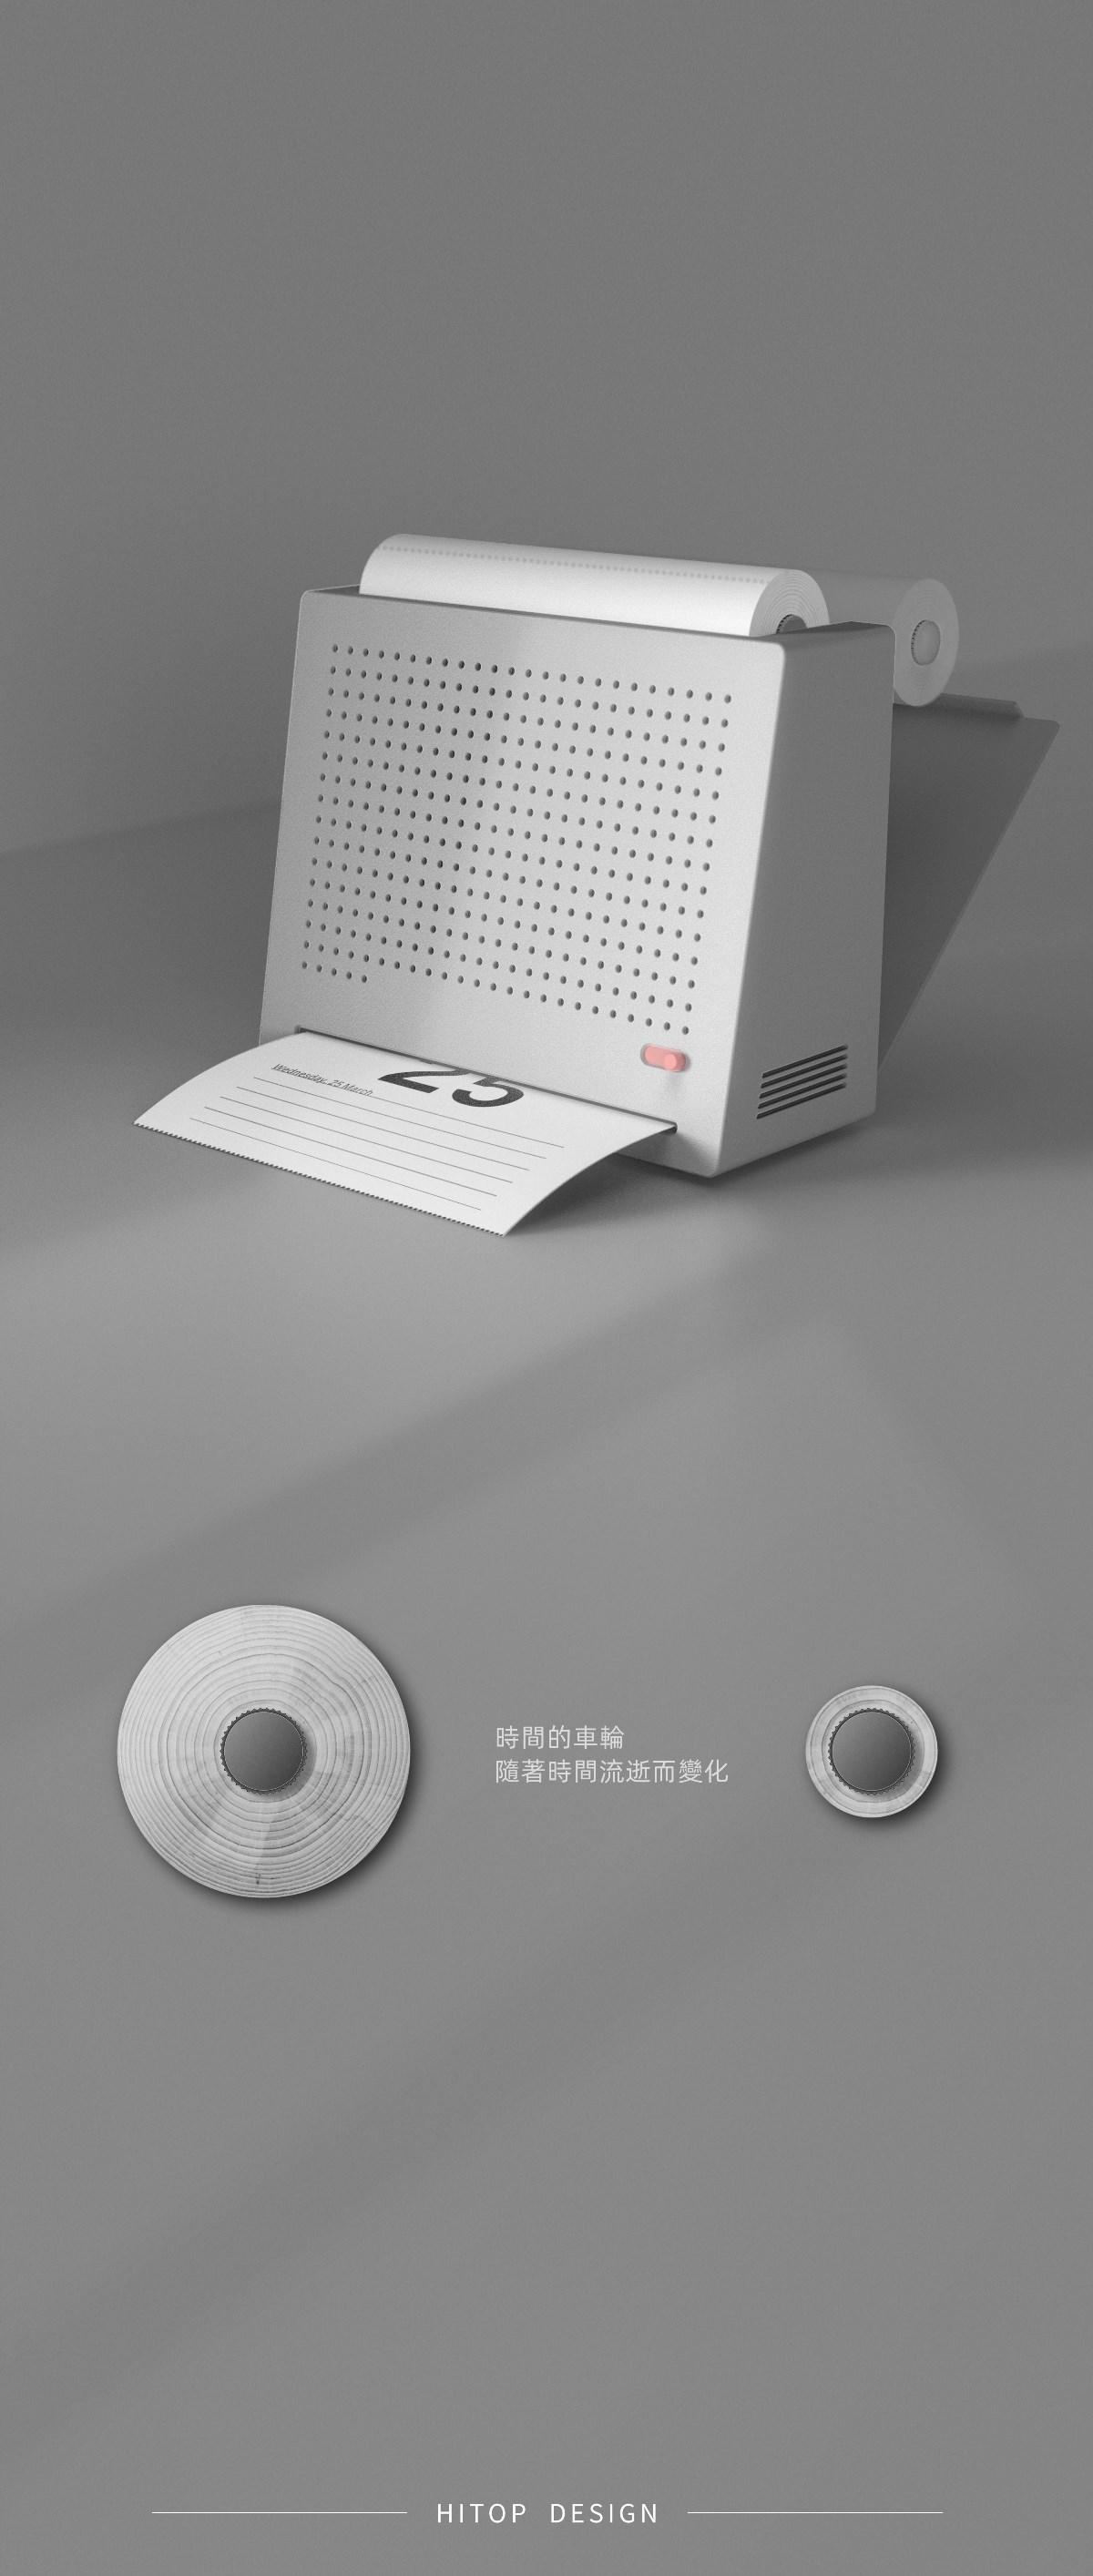 黑桃设计-Calendar Clock'2